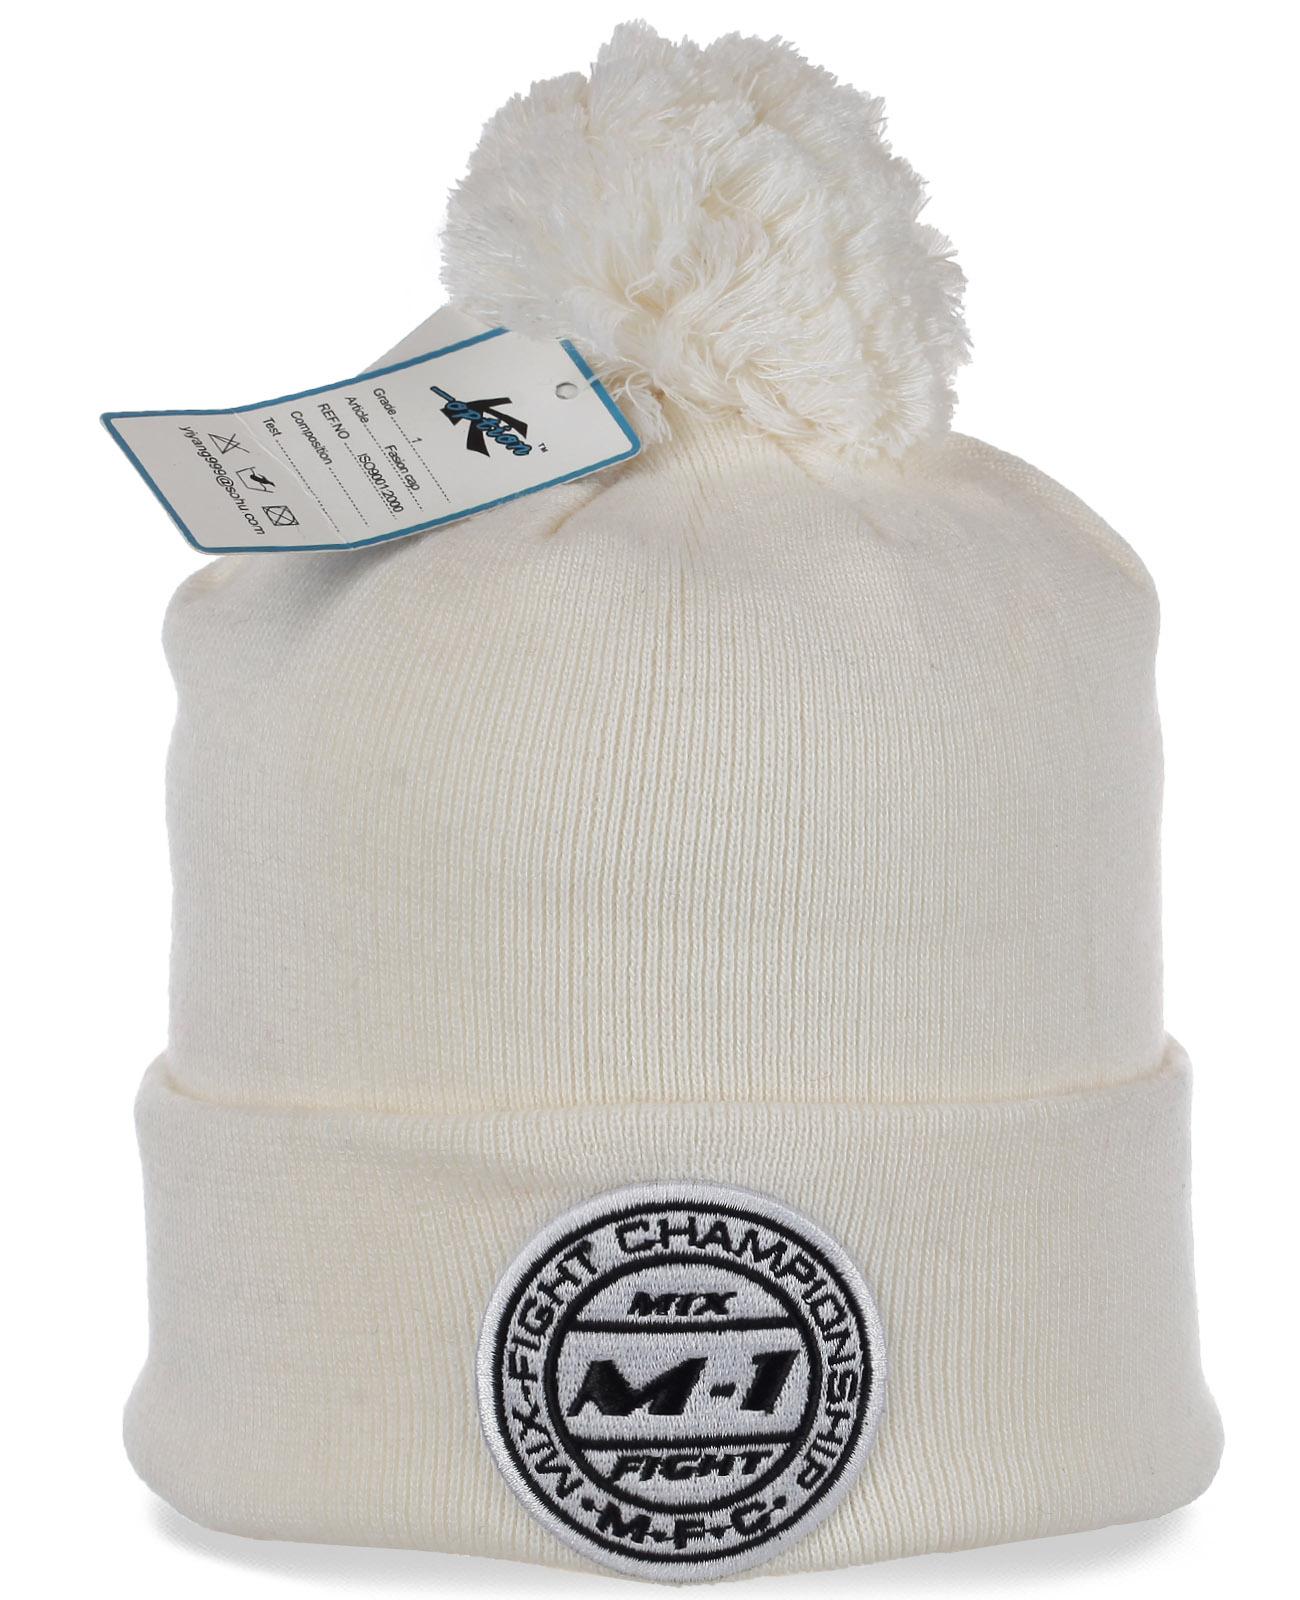 Классная белая шапочка с логотипом Mix Fight Championship